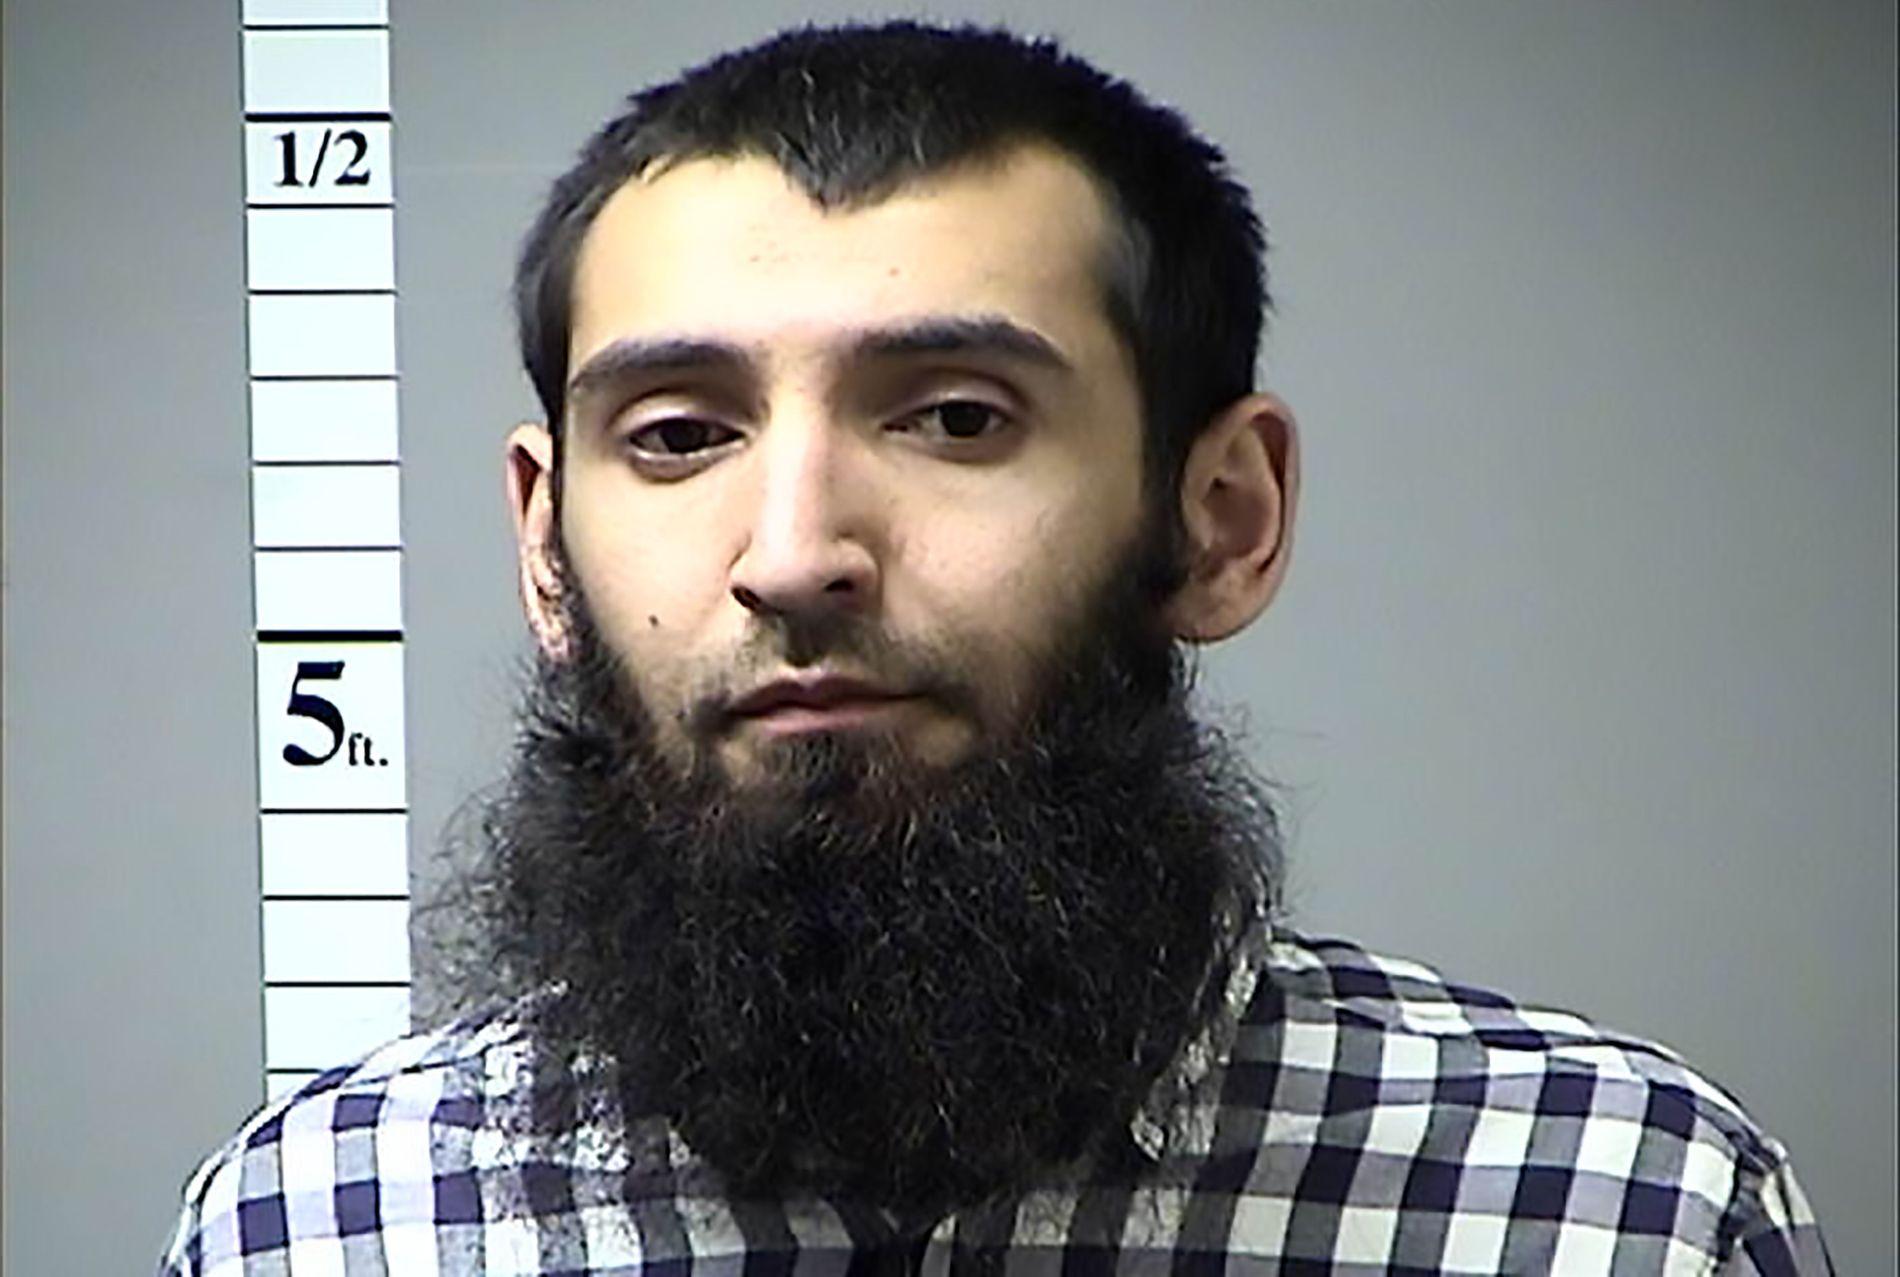 UTPEKT SOM DRAPSMANN: Sayfullo Saipov, en 29 år gammel mann med usbekisk bakgrunn som har bodd i USA siden 2010, utpekes som gjerningsmannen.